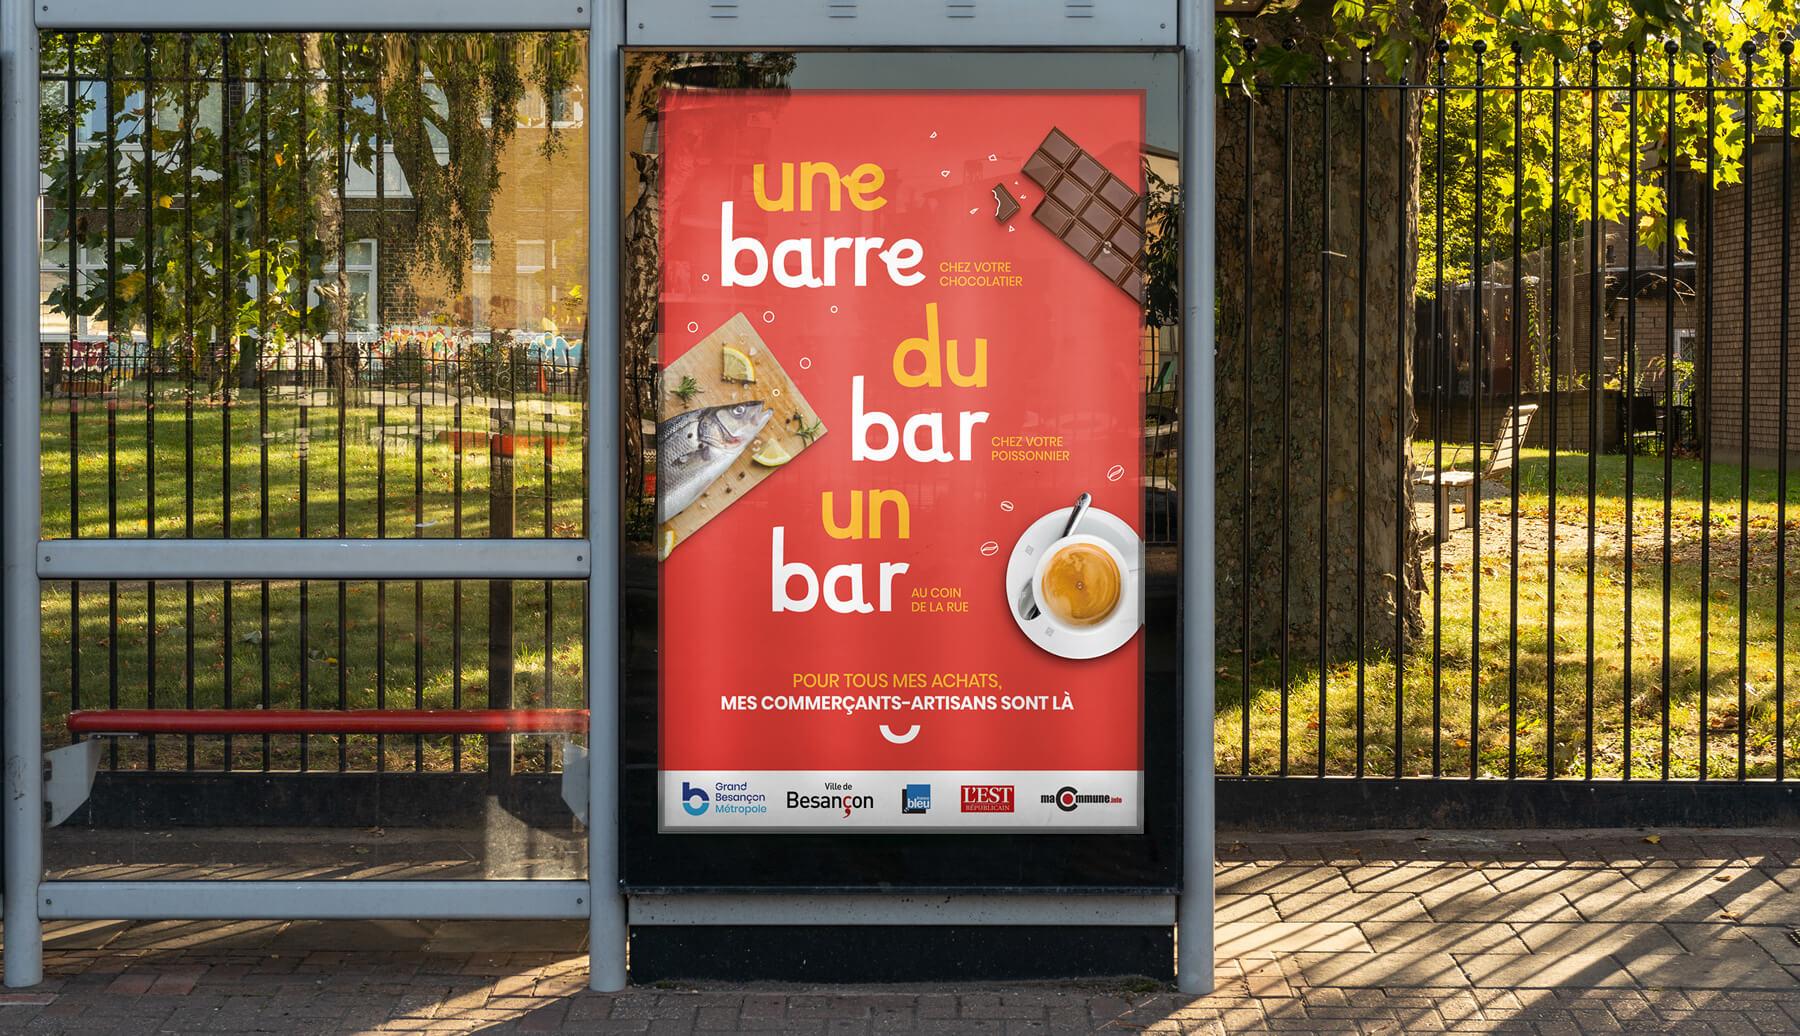 Campagne de communication pour sauver les commerces du Grand Besancon Metropole